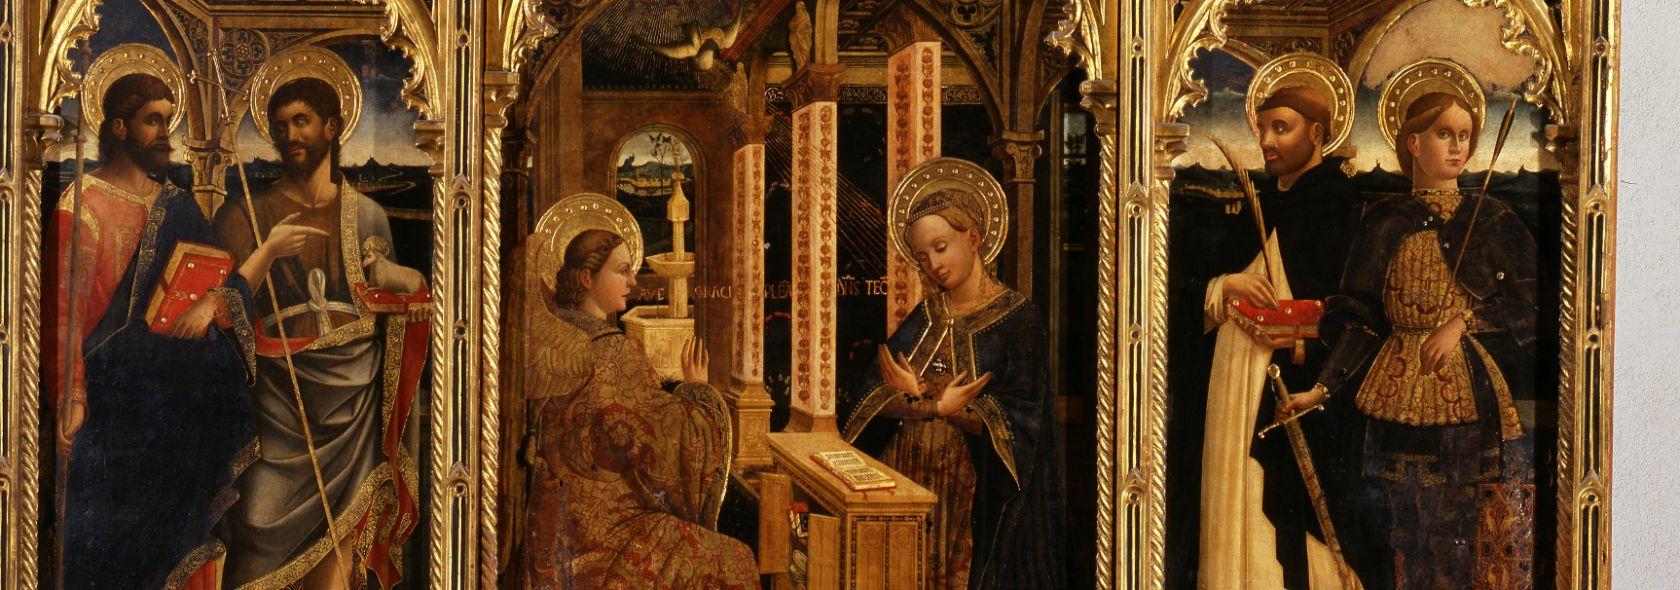 S.M di Castello - Mazone - Polittico dell'Annunciazione - 1469 - ©Archivio Scala